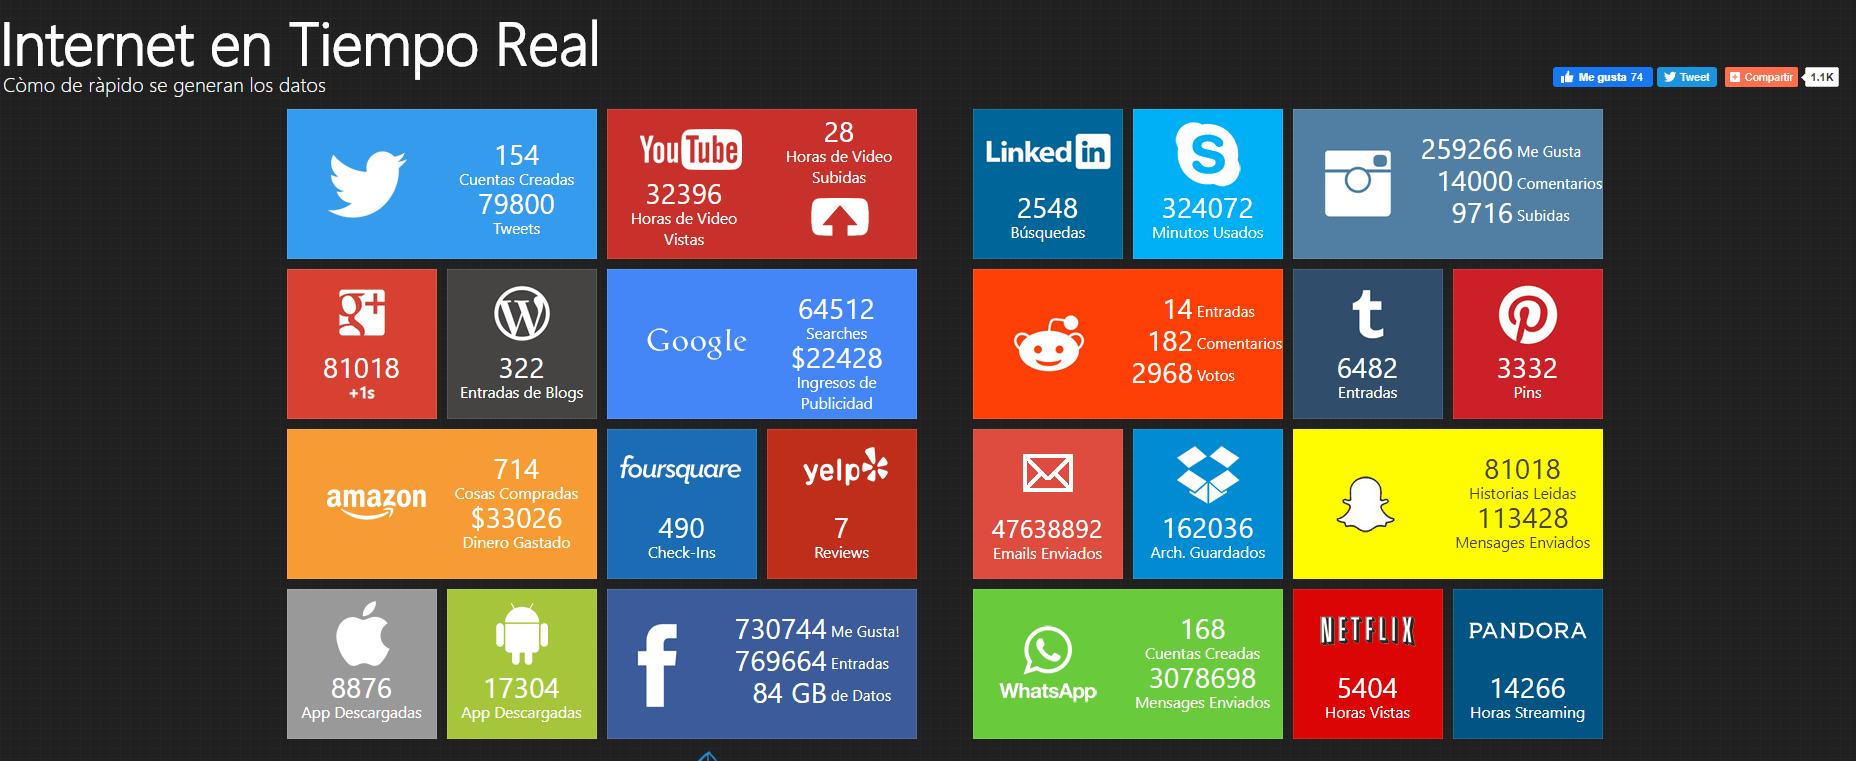 internet en tiempo real 2020